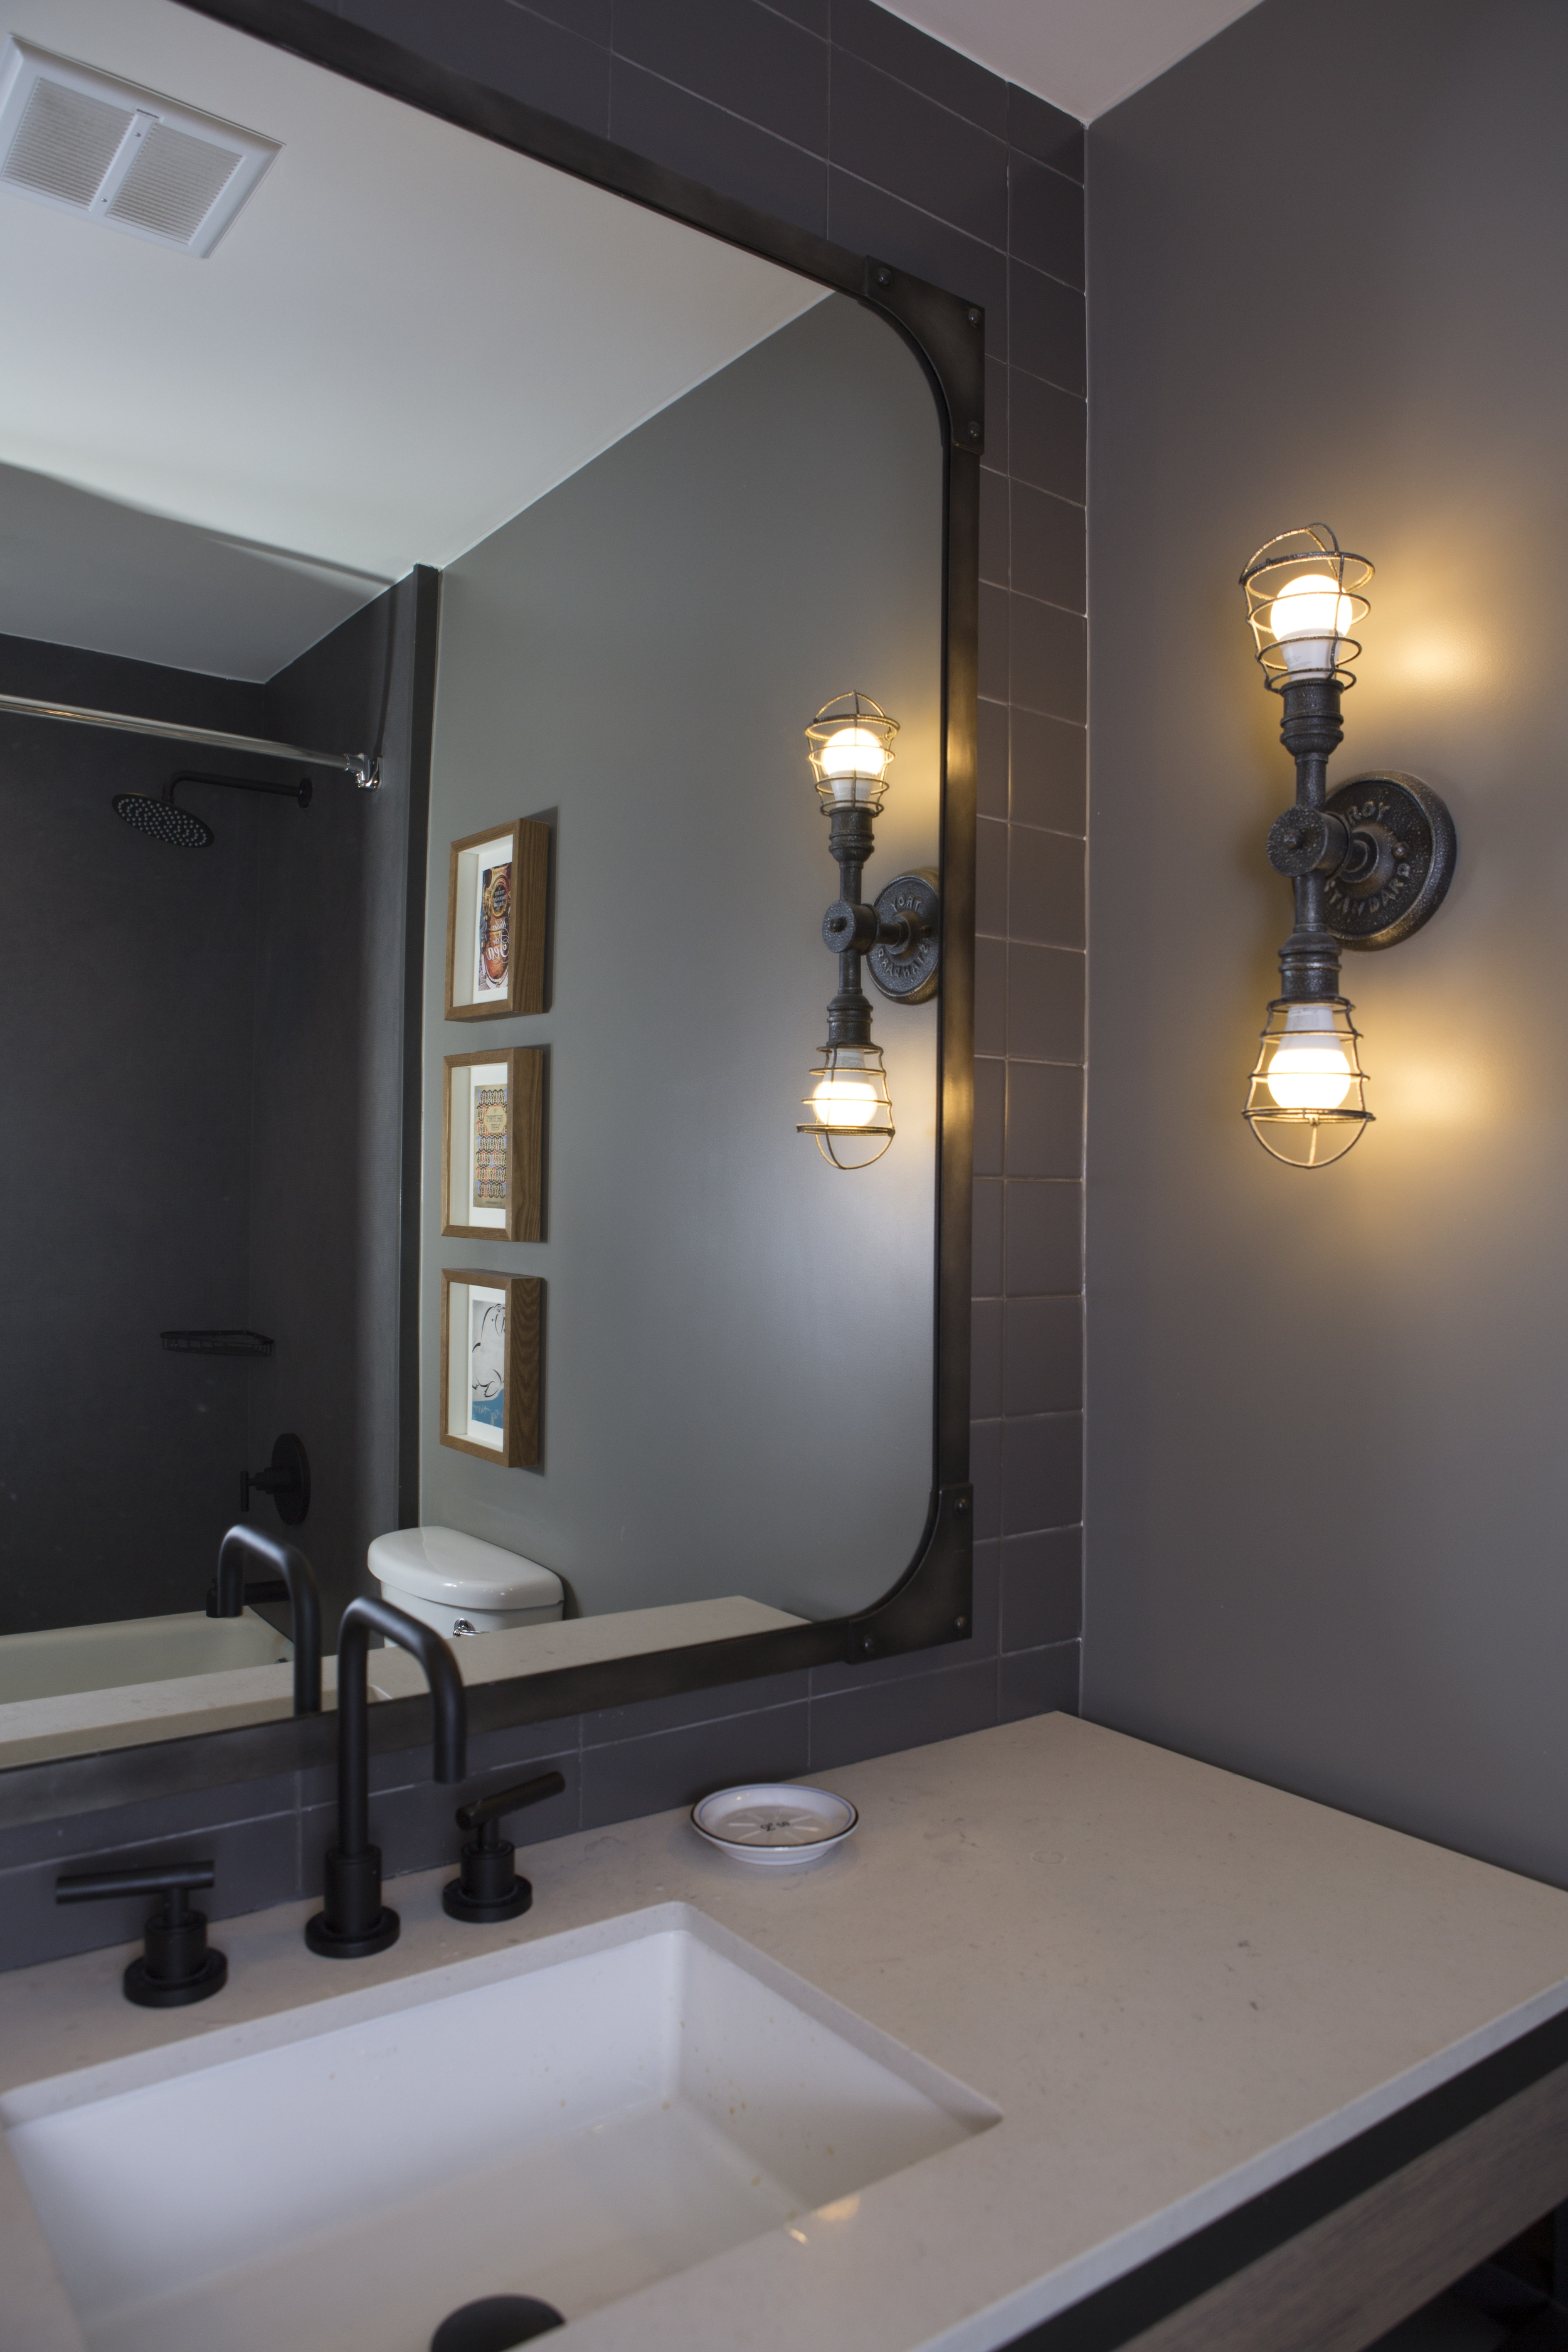 Pier 2620 Guest Bathroom